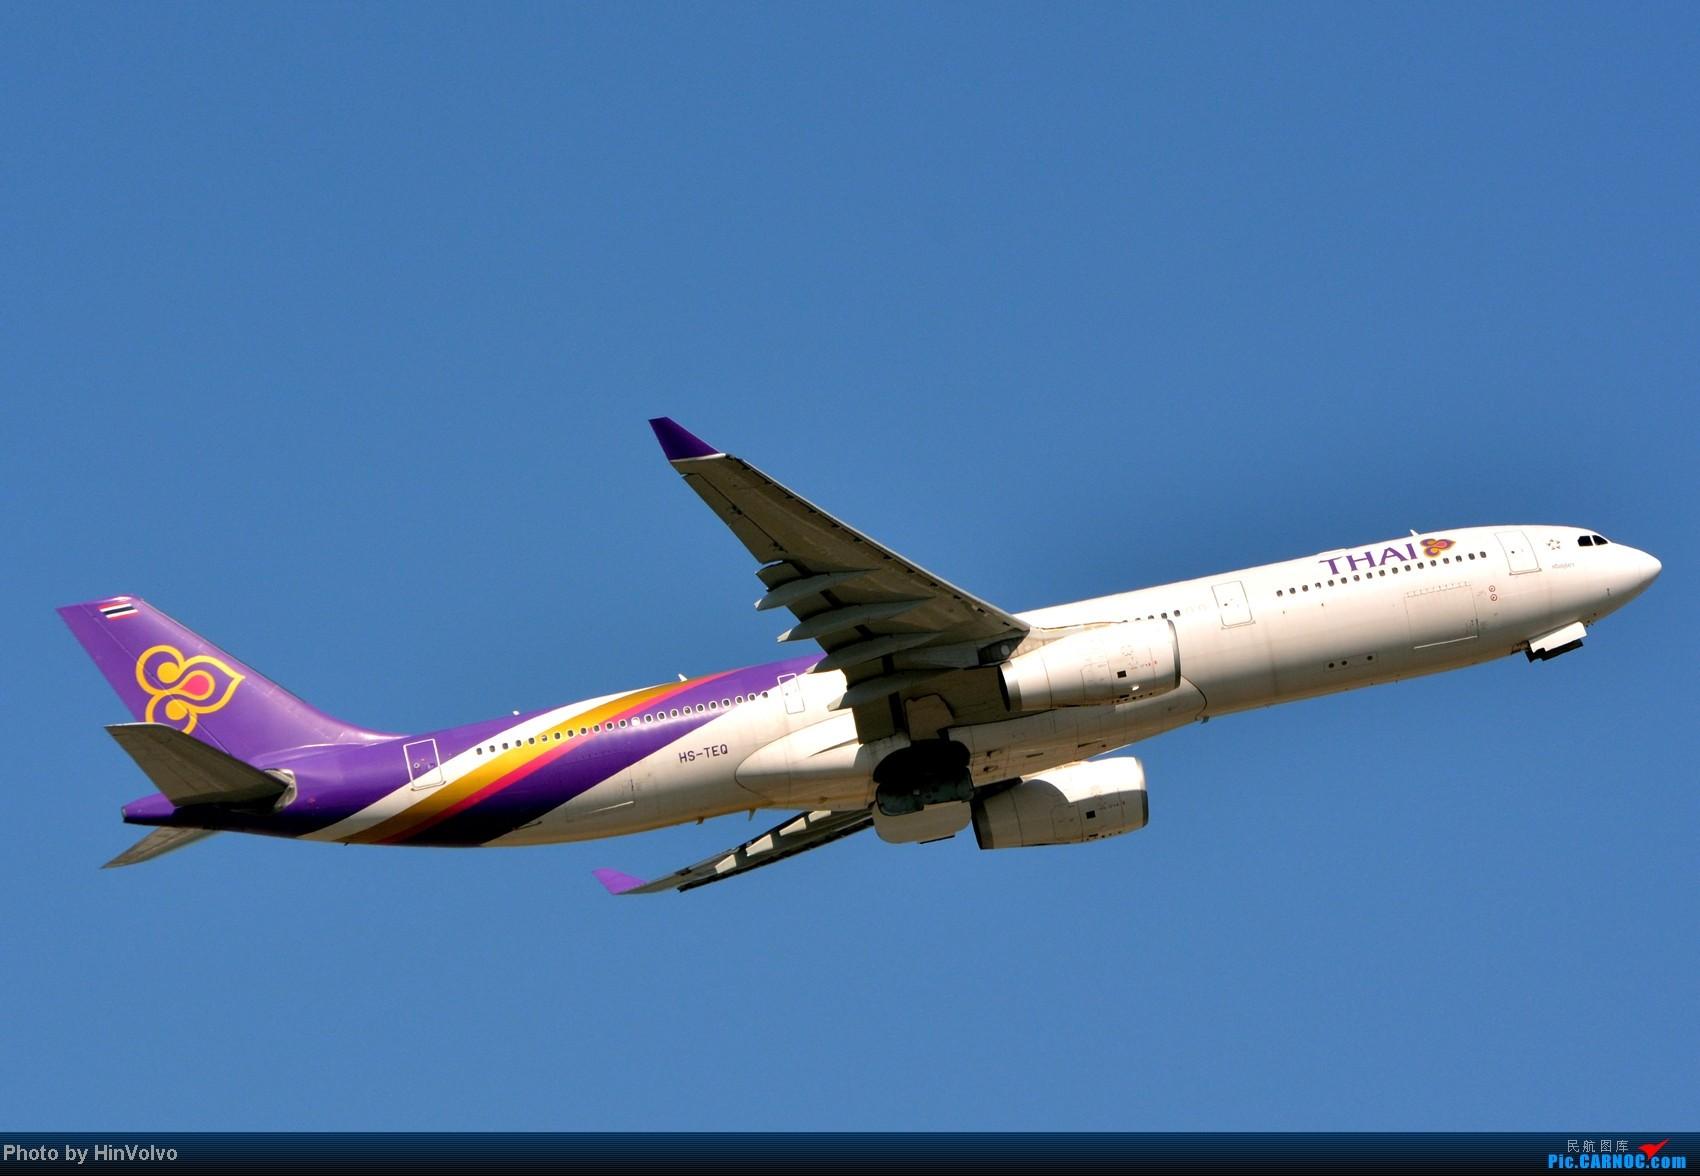 Re:[原创]~~~~多圖系列~~~HKG,早上好!寒冷的天氣出發前往機場拍到中午。 AIRBUS A330-300 HS-TEQ 中国香港赤鱲角机场